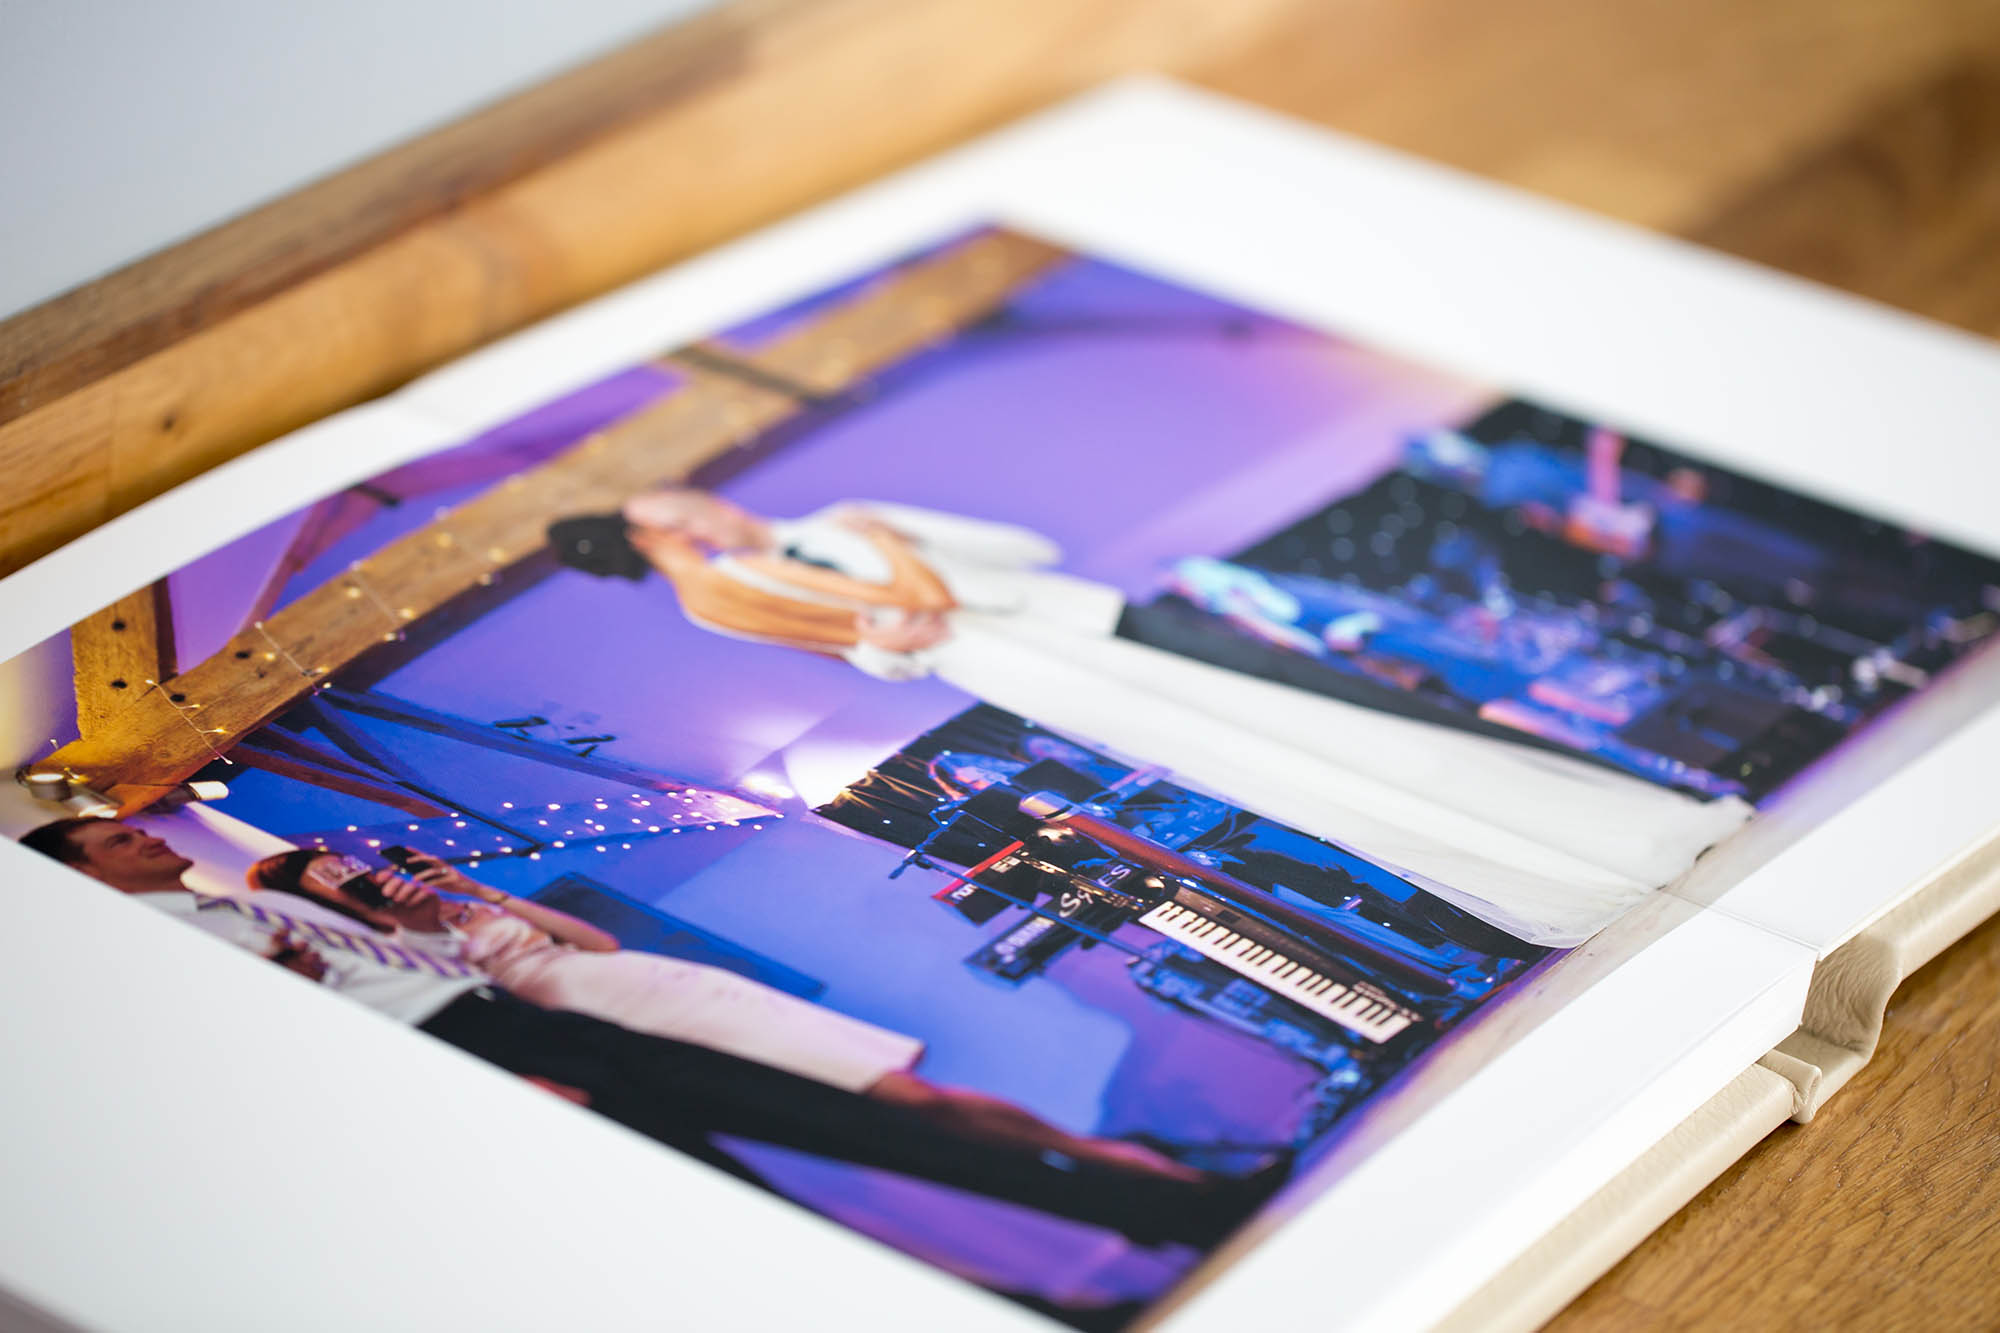 Julia_toms_wedding_album_folio_008.jpg